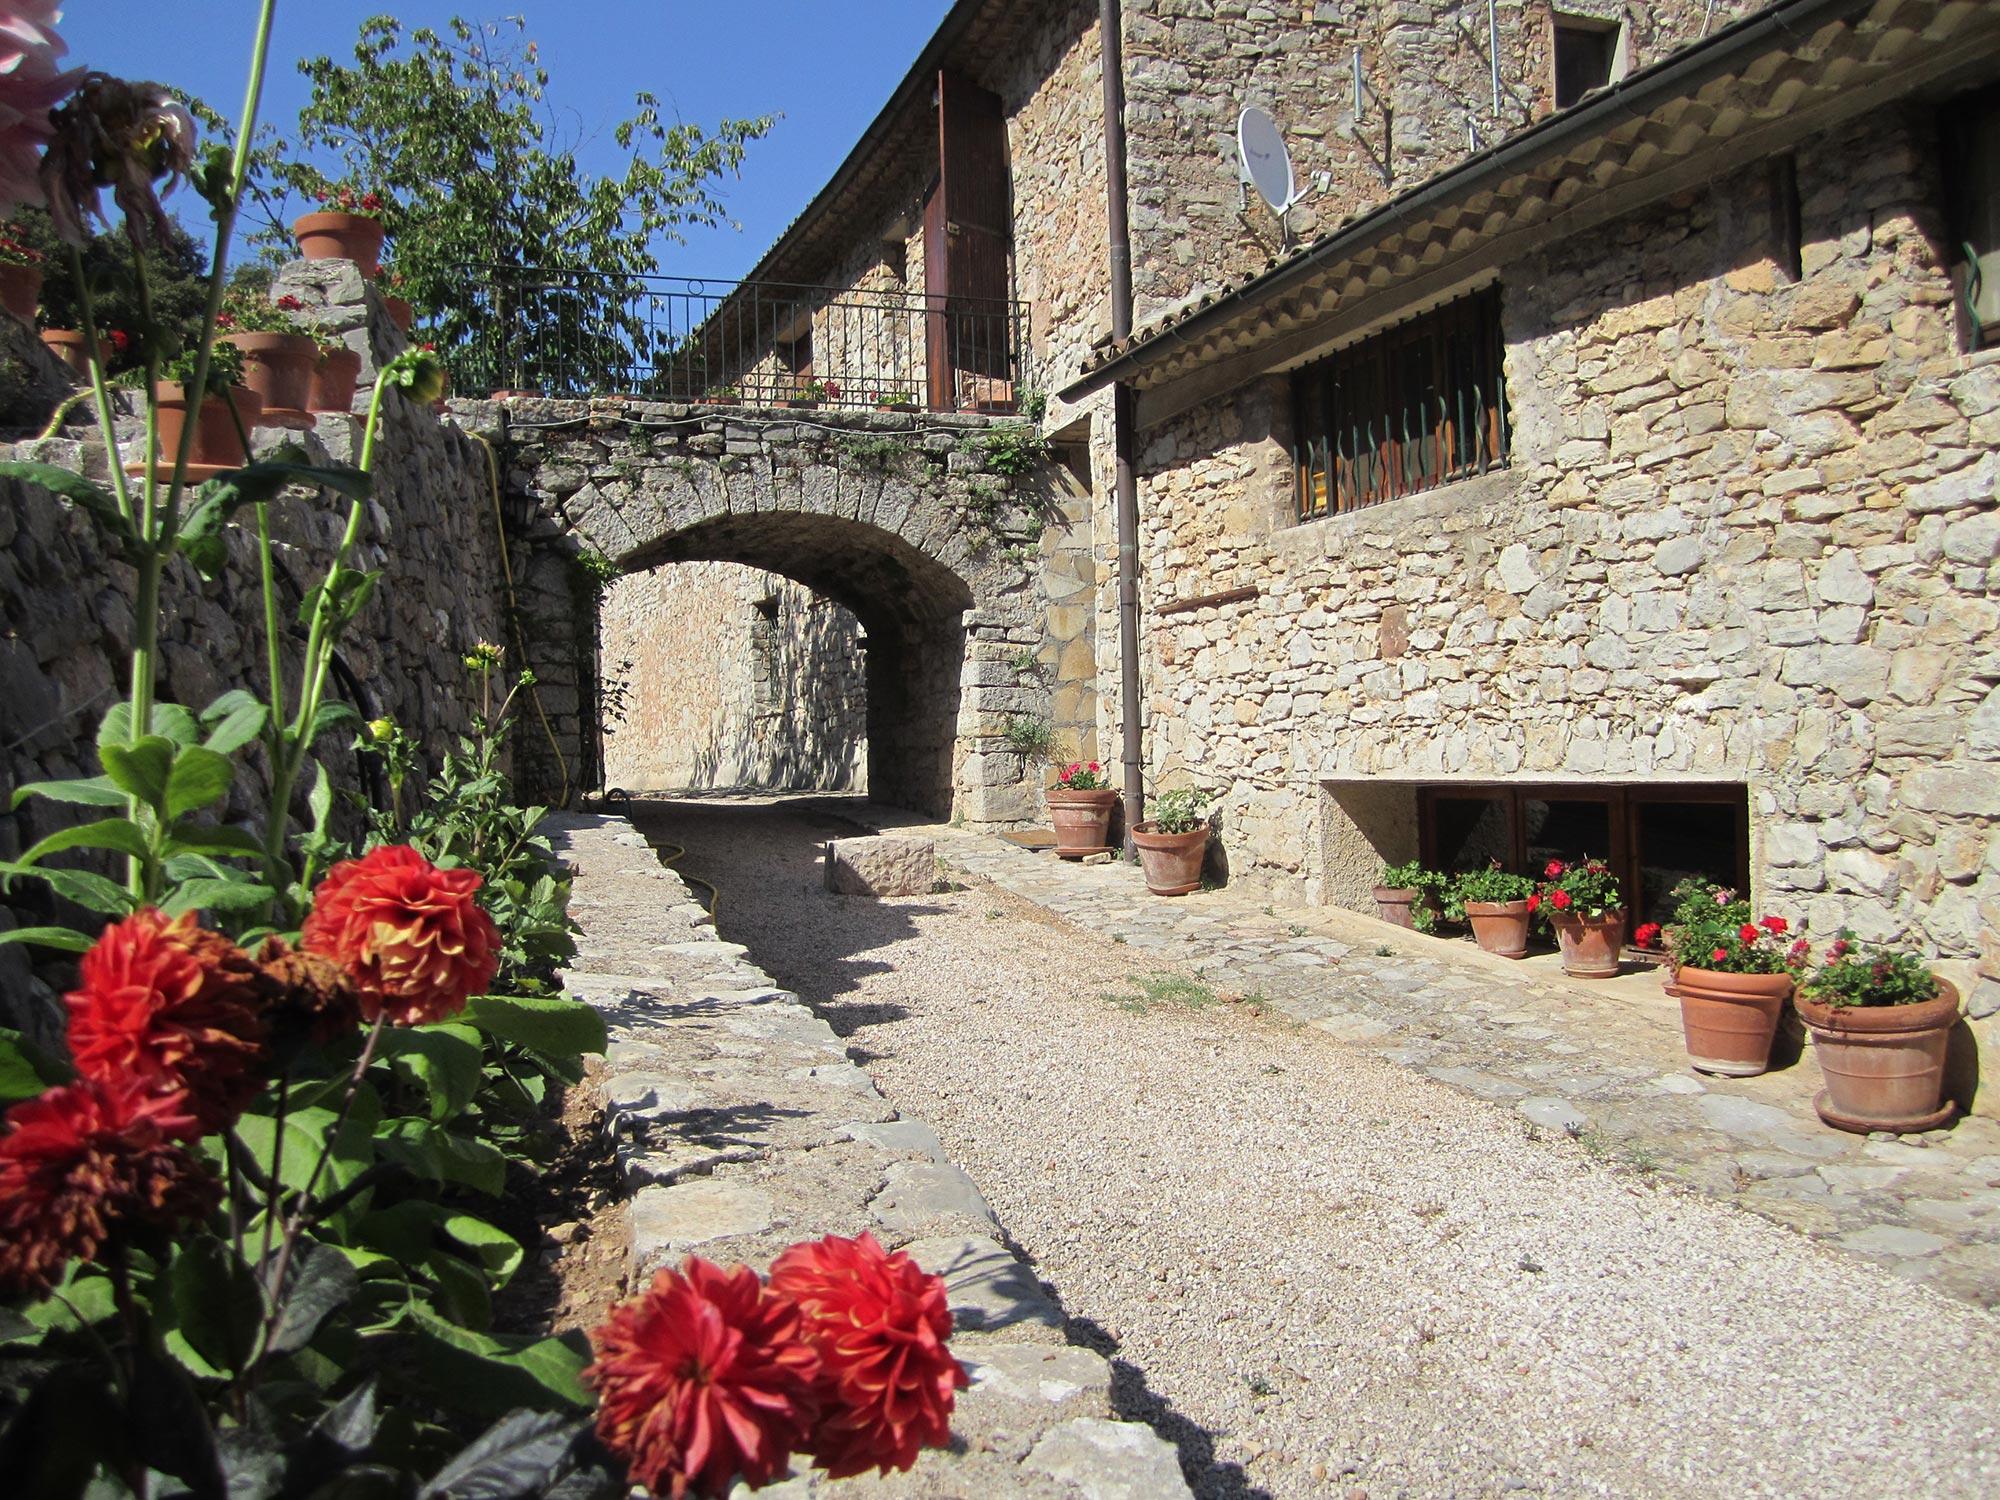 Ruelle architecture typique de la provence